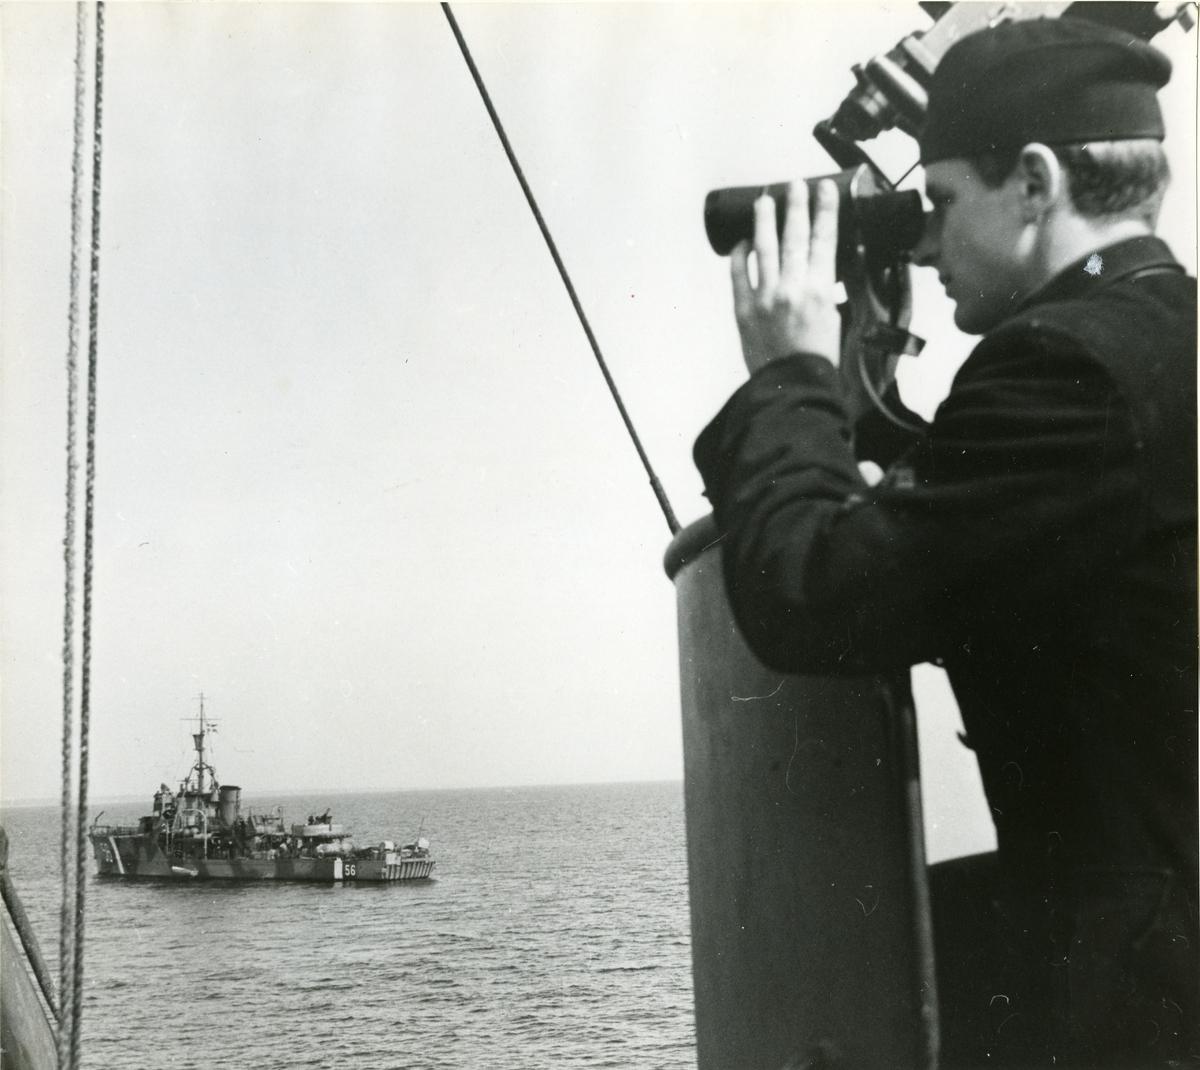 Utkik ombord på en minsvepare i april 1945.